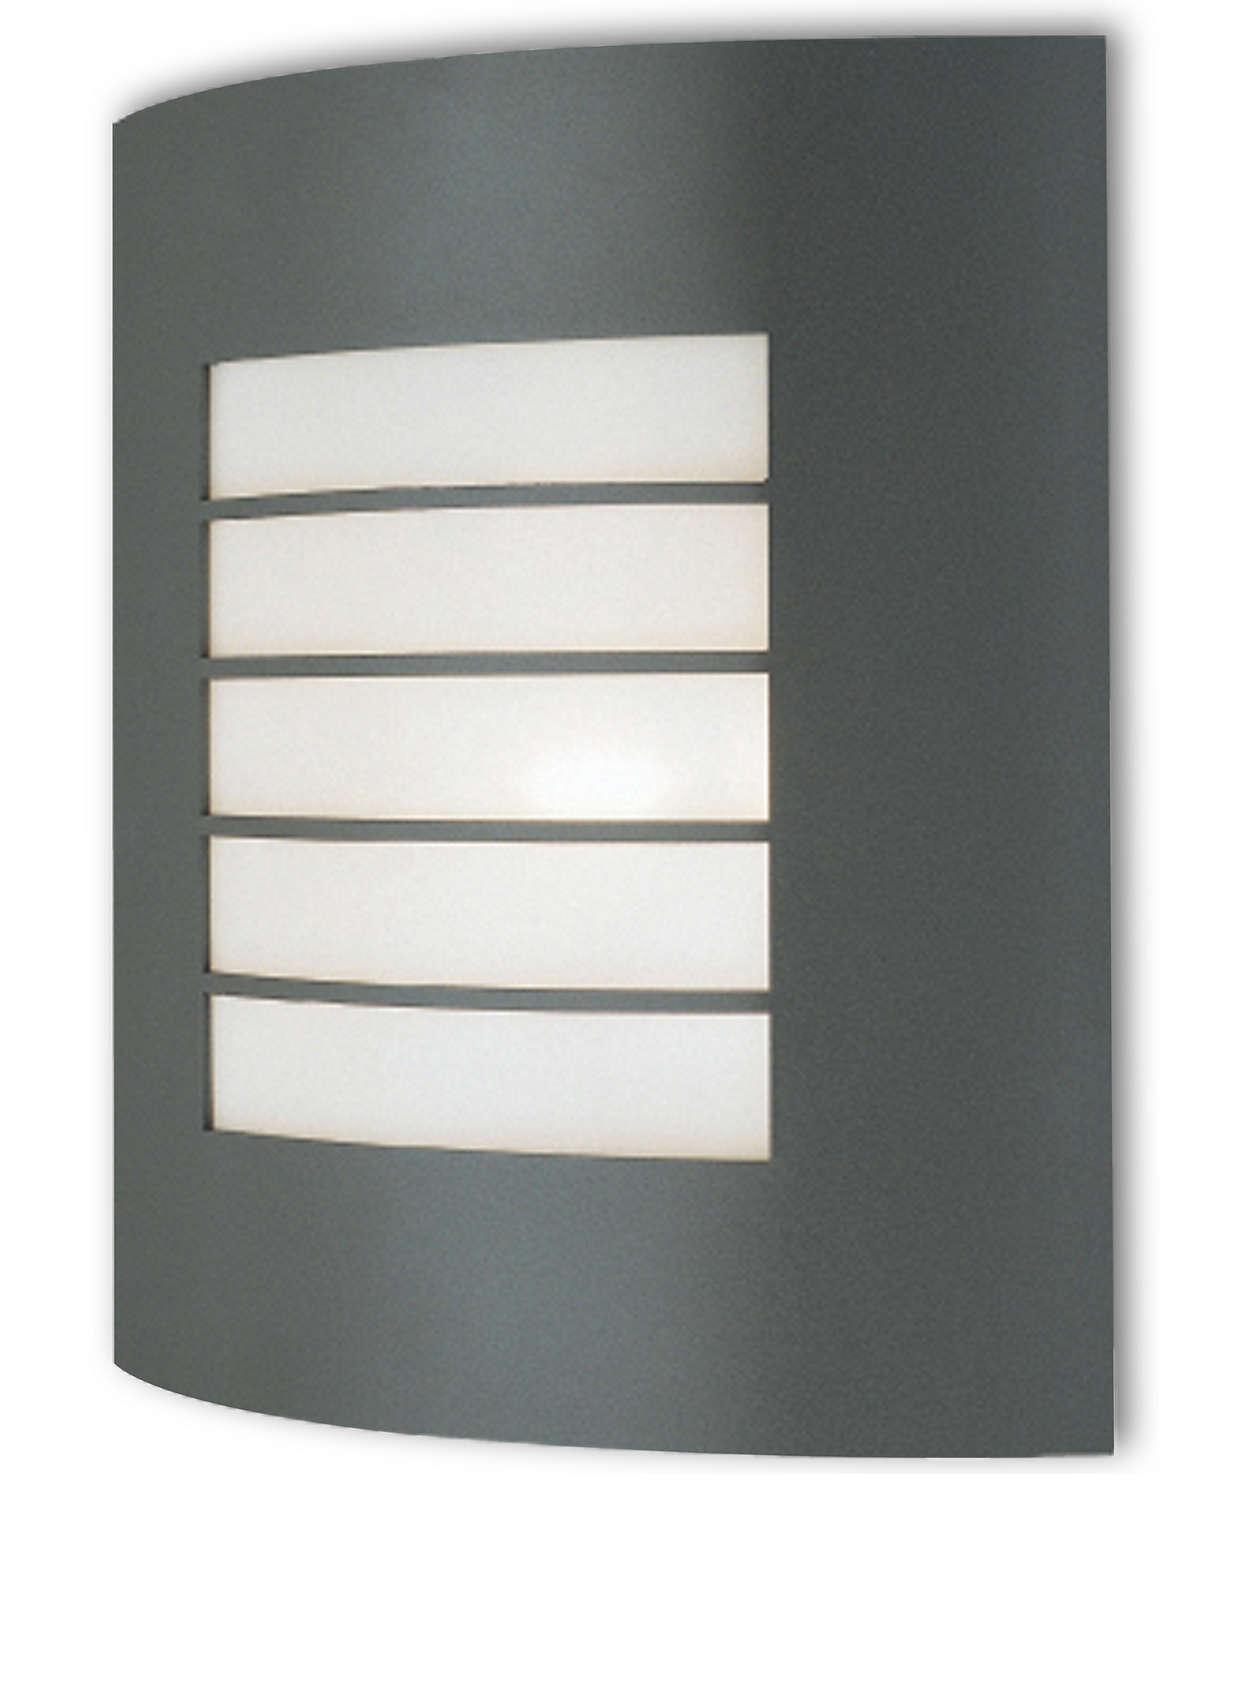 節省能源的環保功能